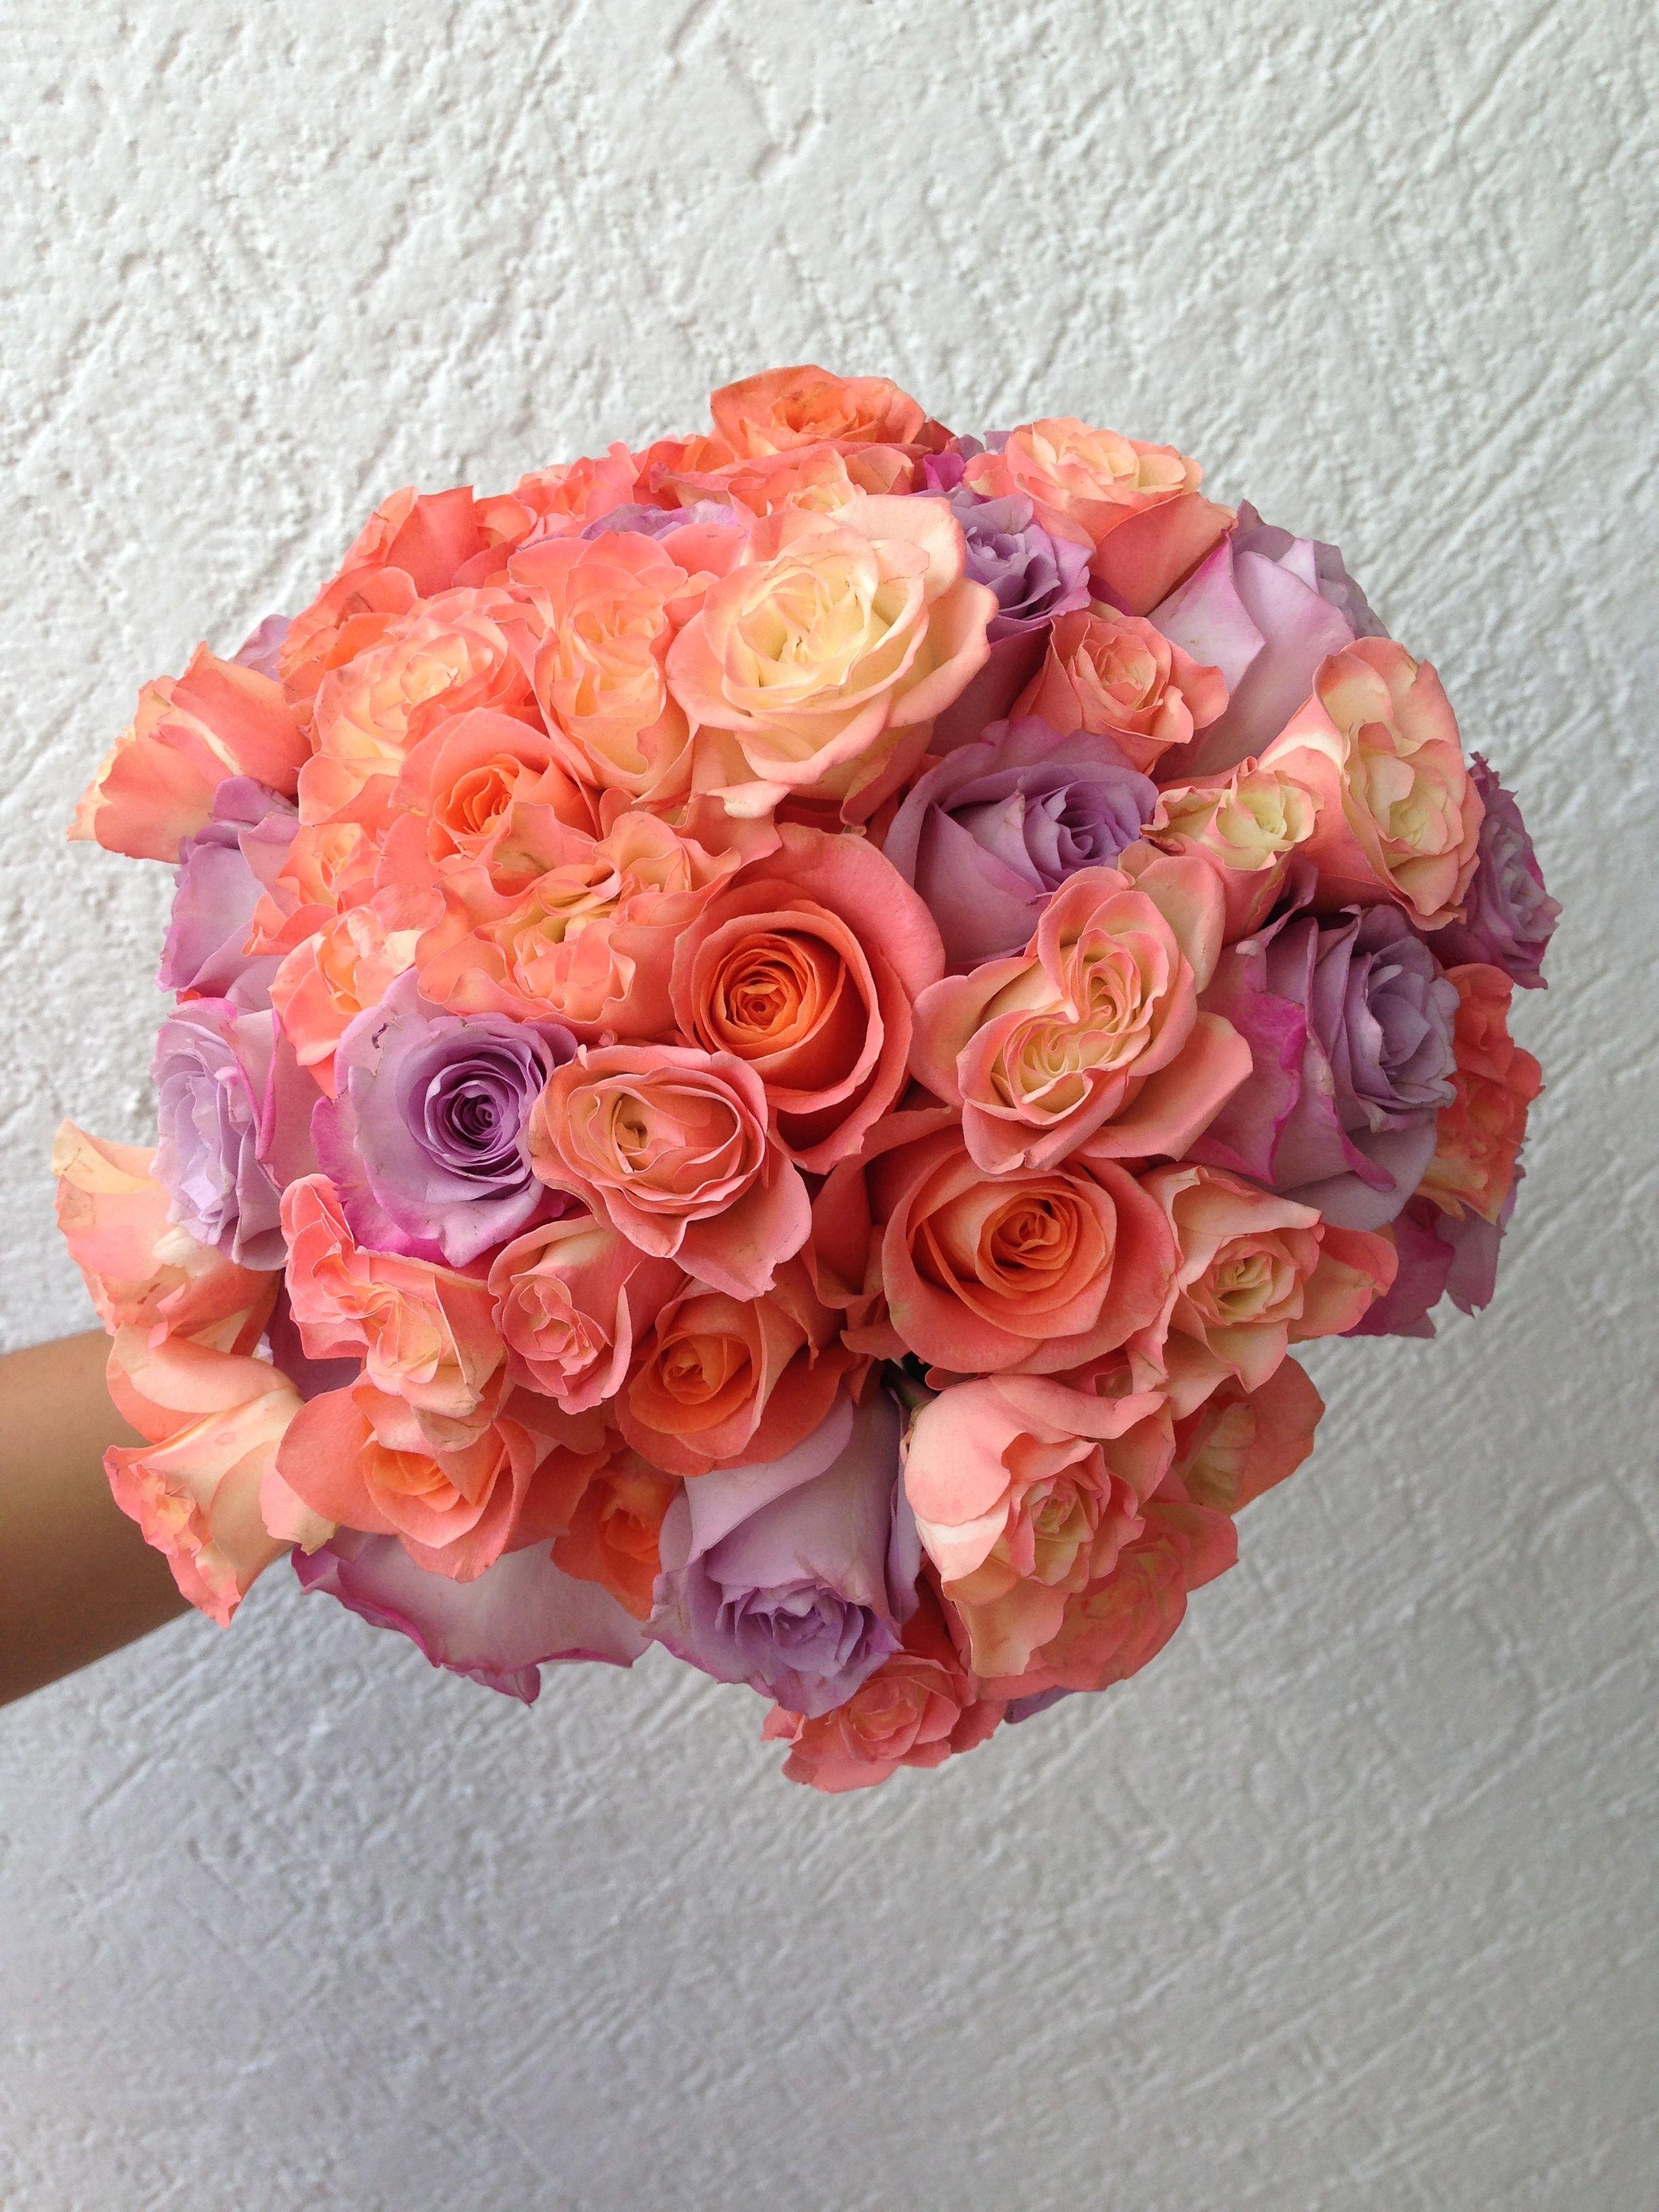 CBR169 Riviera Maya weddings / Bodas ramo rosas y mini rosas coral y ...